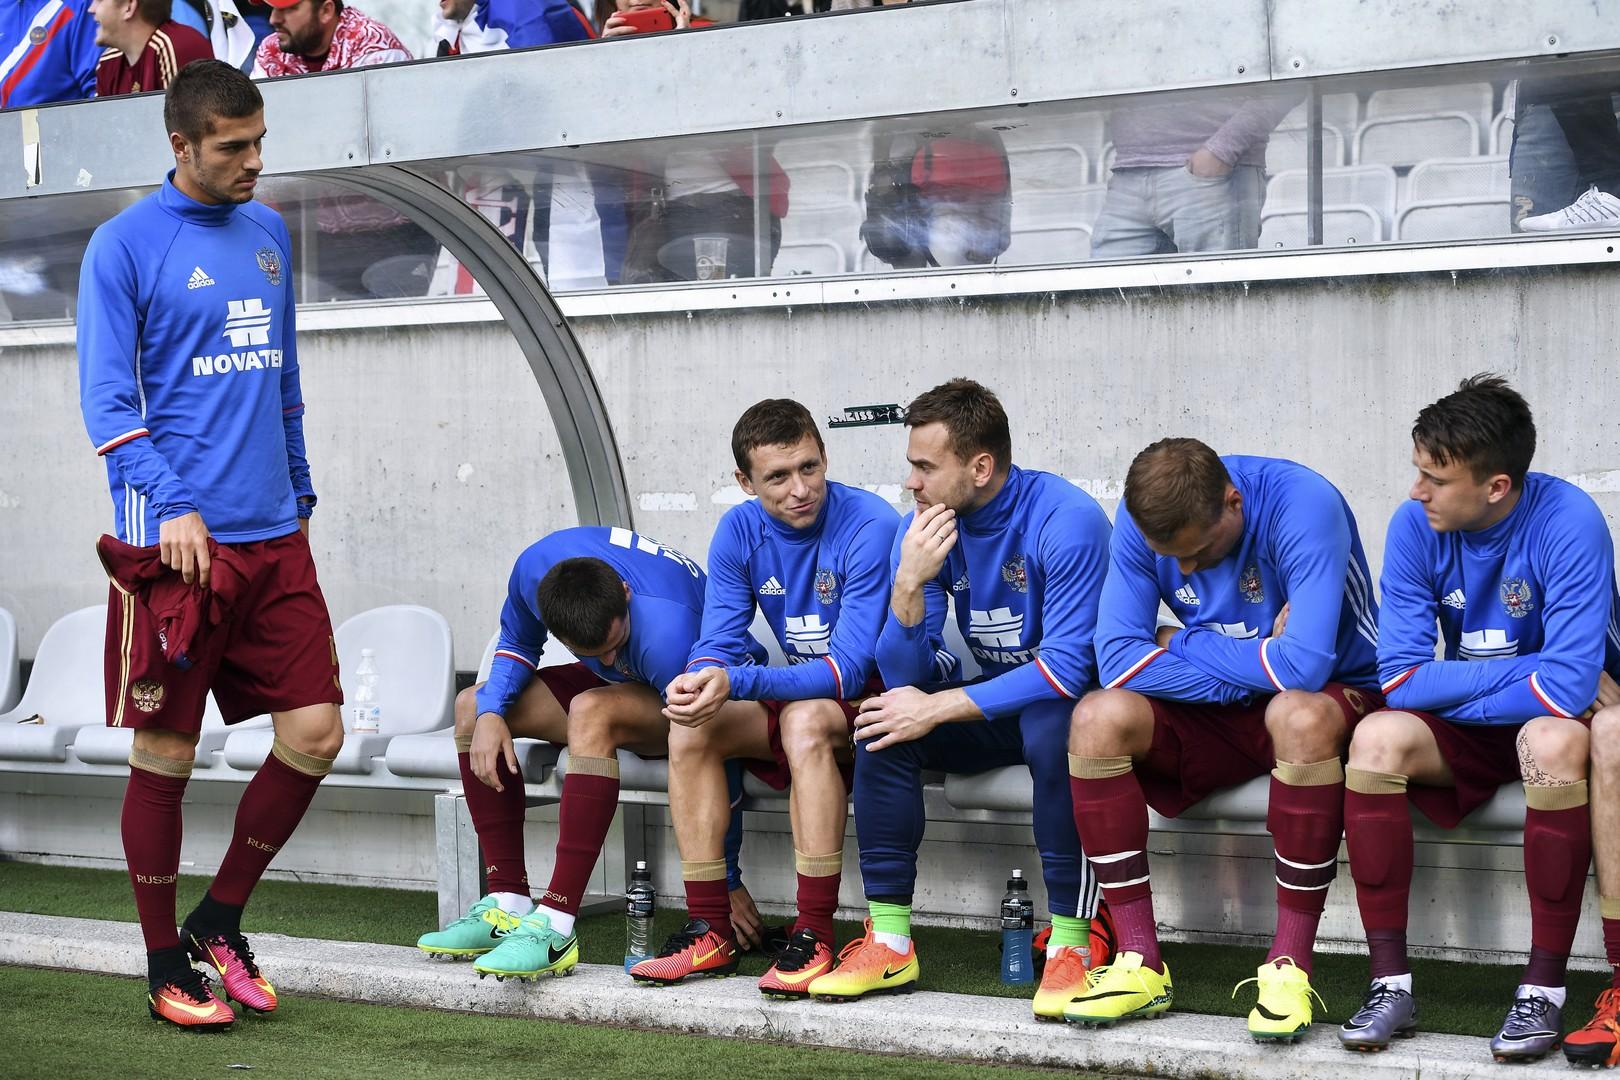 Министр спорта Украины назвал футболиста сборной России «ватником»